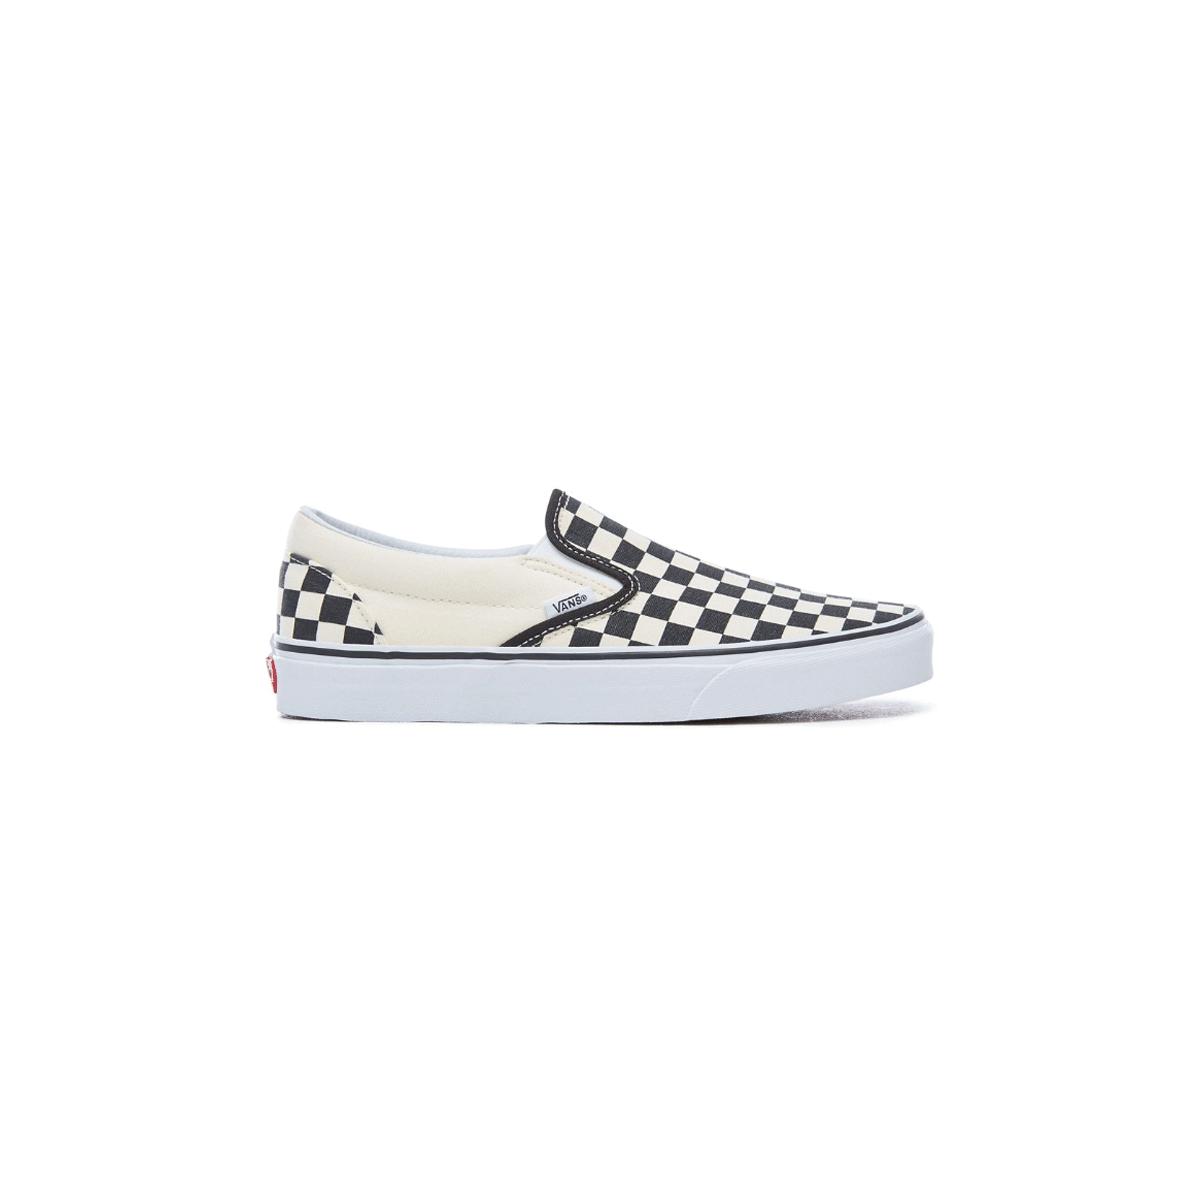 a683fccce1111 Check Chaussures Blanc Vans Noir Classic Damier Slip Mixte On Carreaux  nYxYw8aqrR